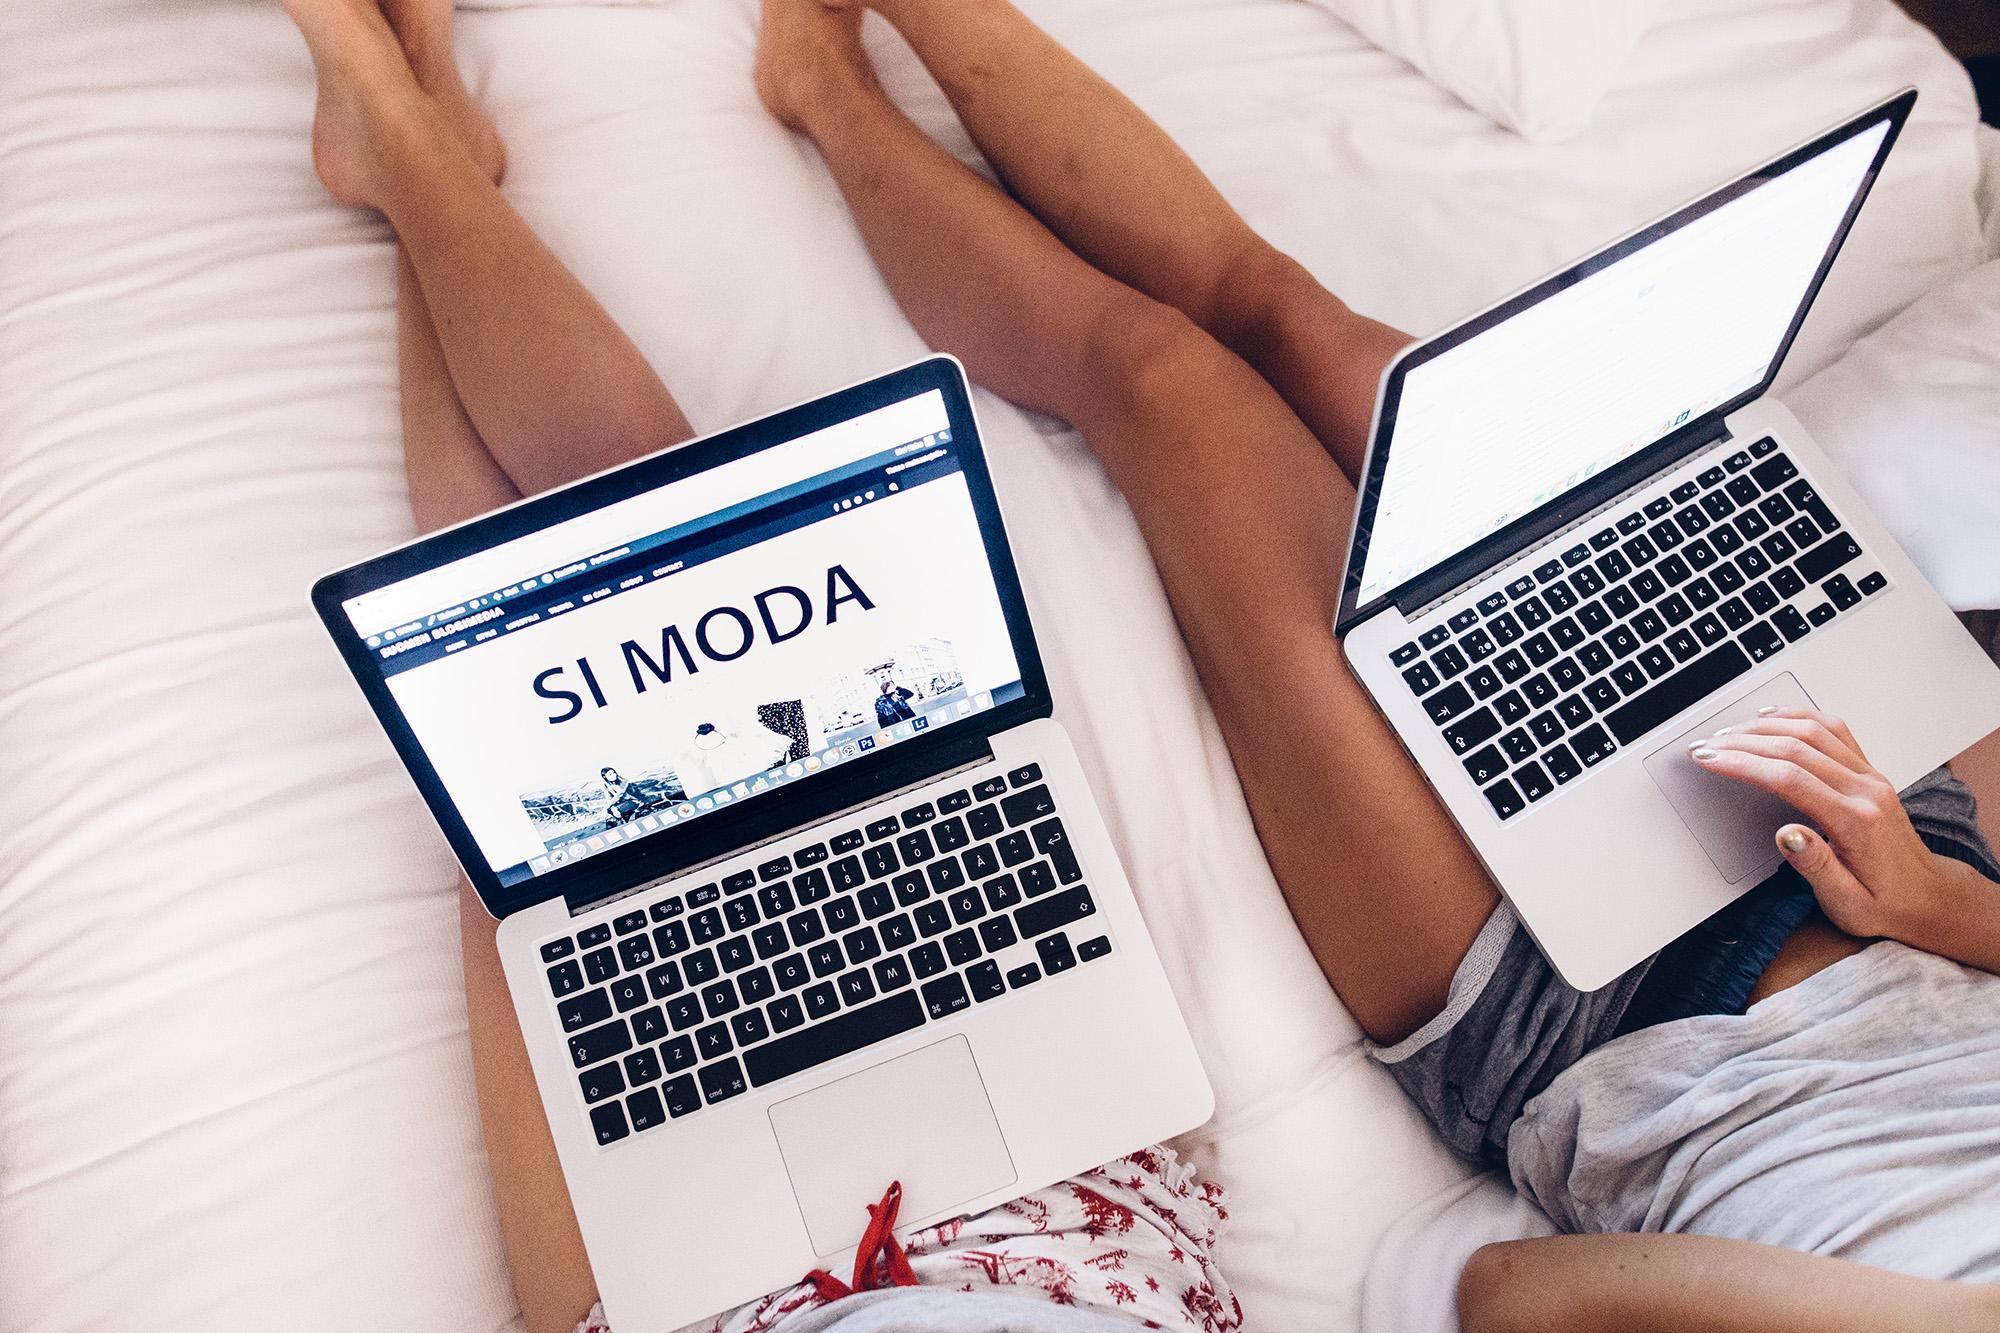 si-moda-stockholm-1